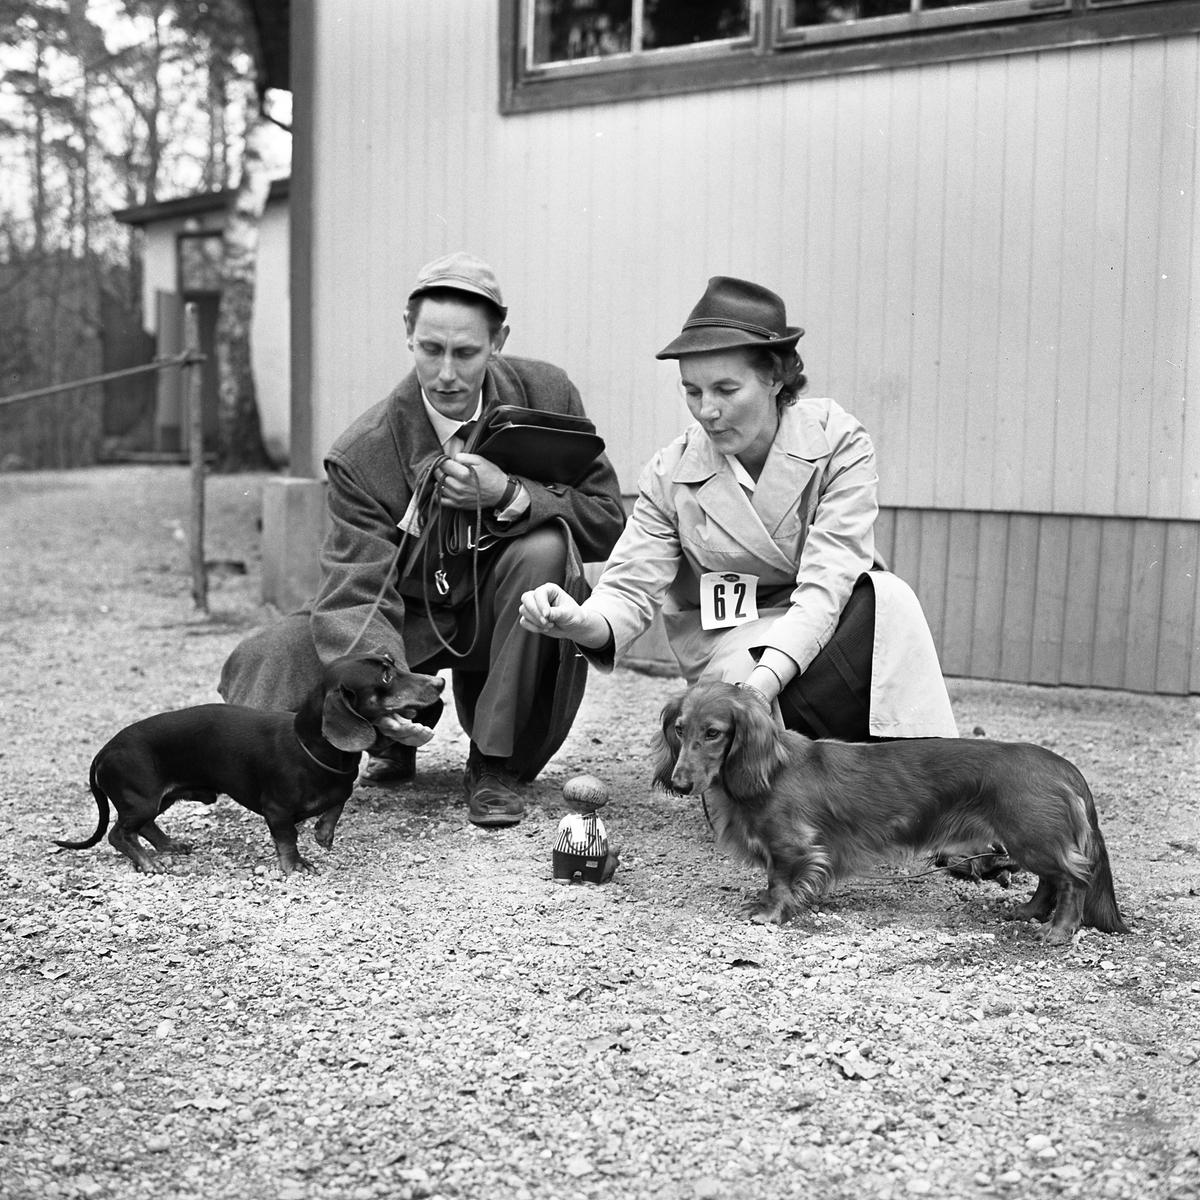 Hundutställning. En man och en kvinna sitter på huk med var sin hund. Mannen har en släthårig tax och kvinnan har en långhårig tax. Är de månne segrarna?